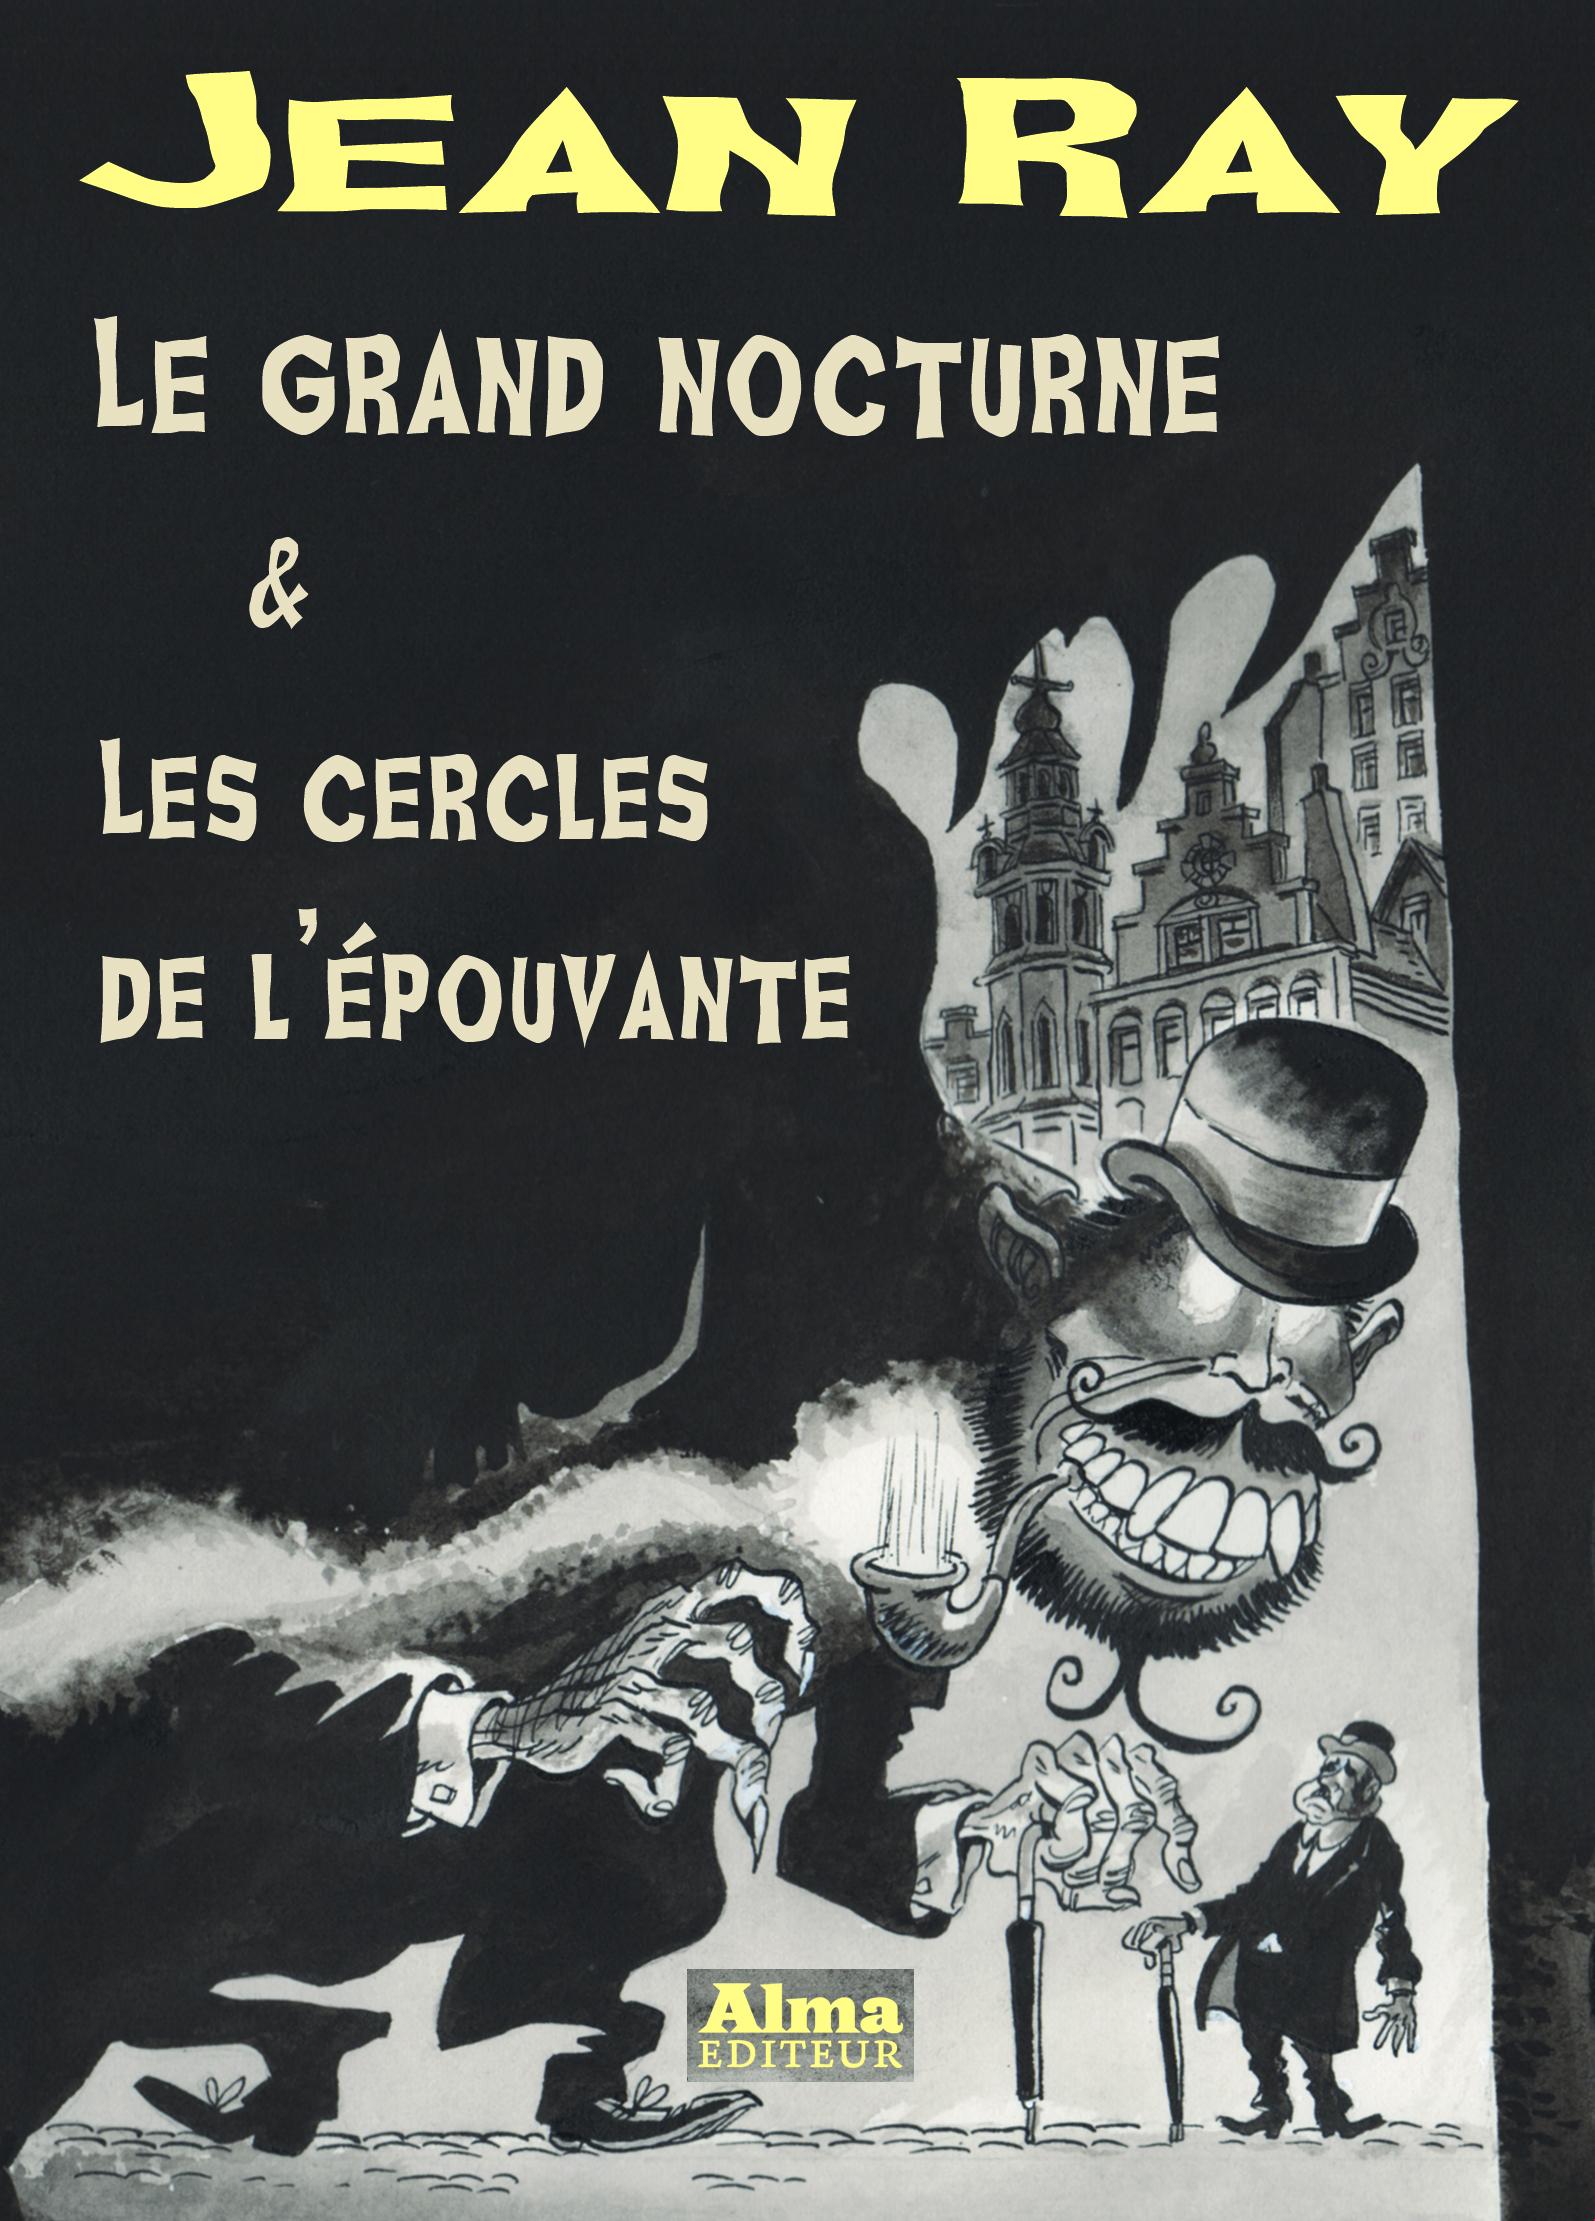 Les cercles de l'épouvante Jean Ray Mu Philippe Foerster Muriel Blondeau Alma